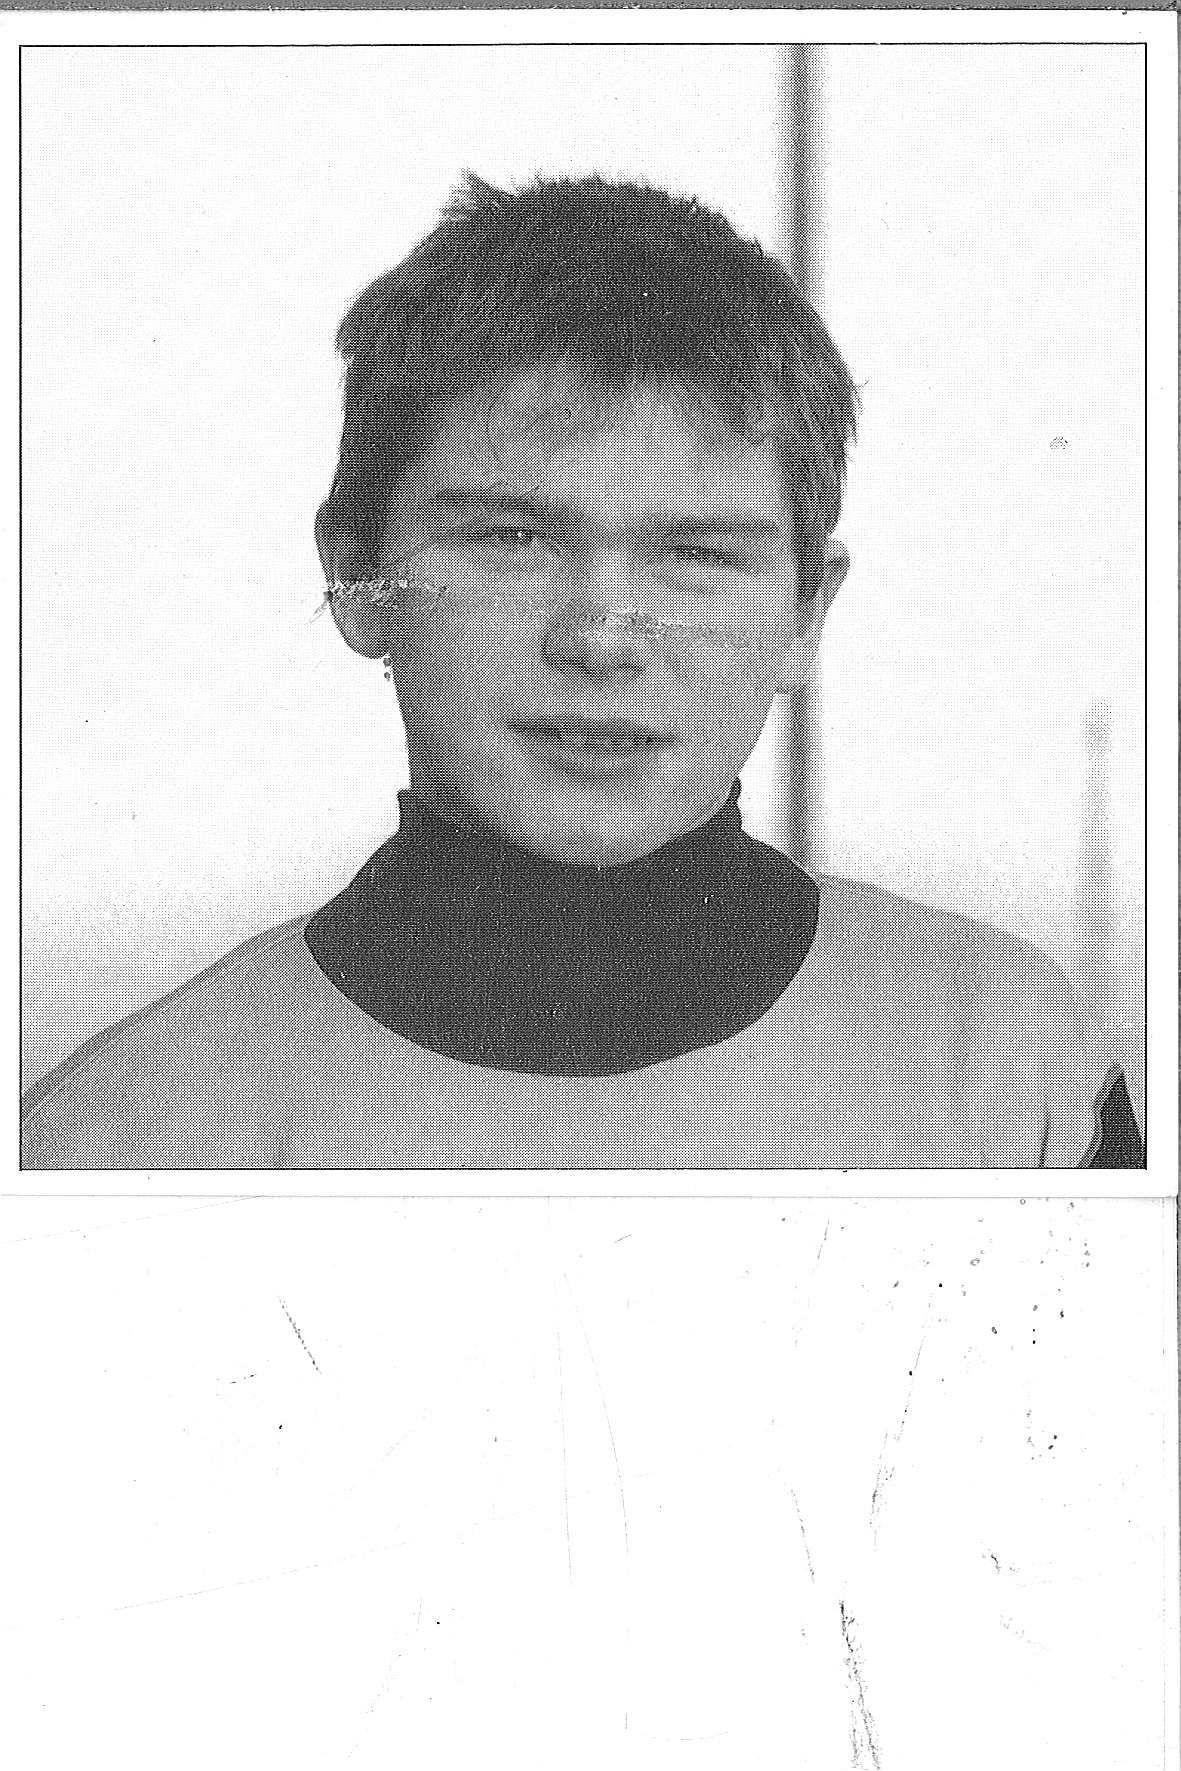 Henk(1990)20130826134141_00062.jpg